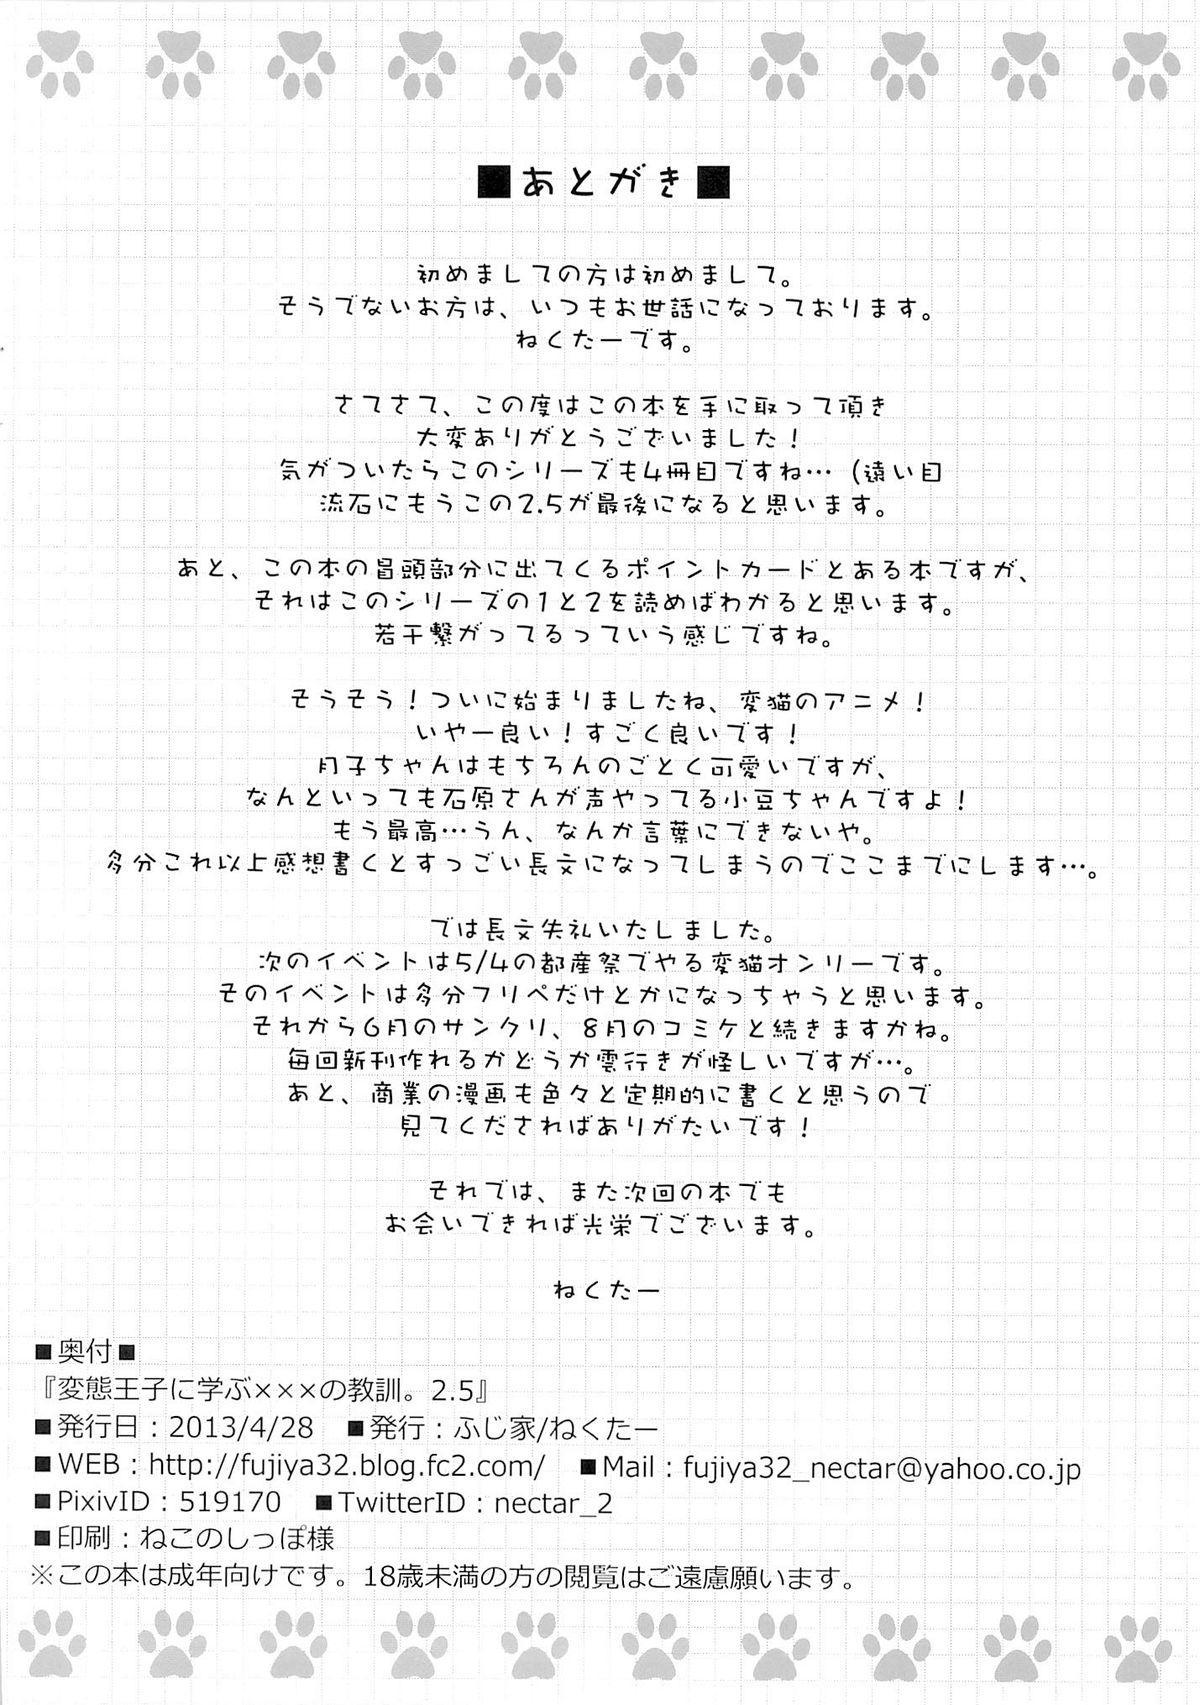 Hentai Ouji ni Manabu xxx no Kyoukun. 2.5 12